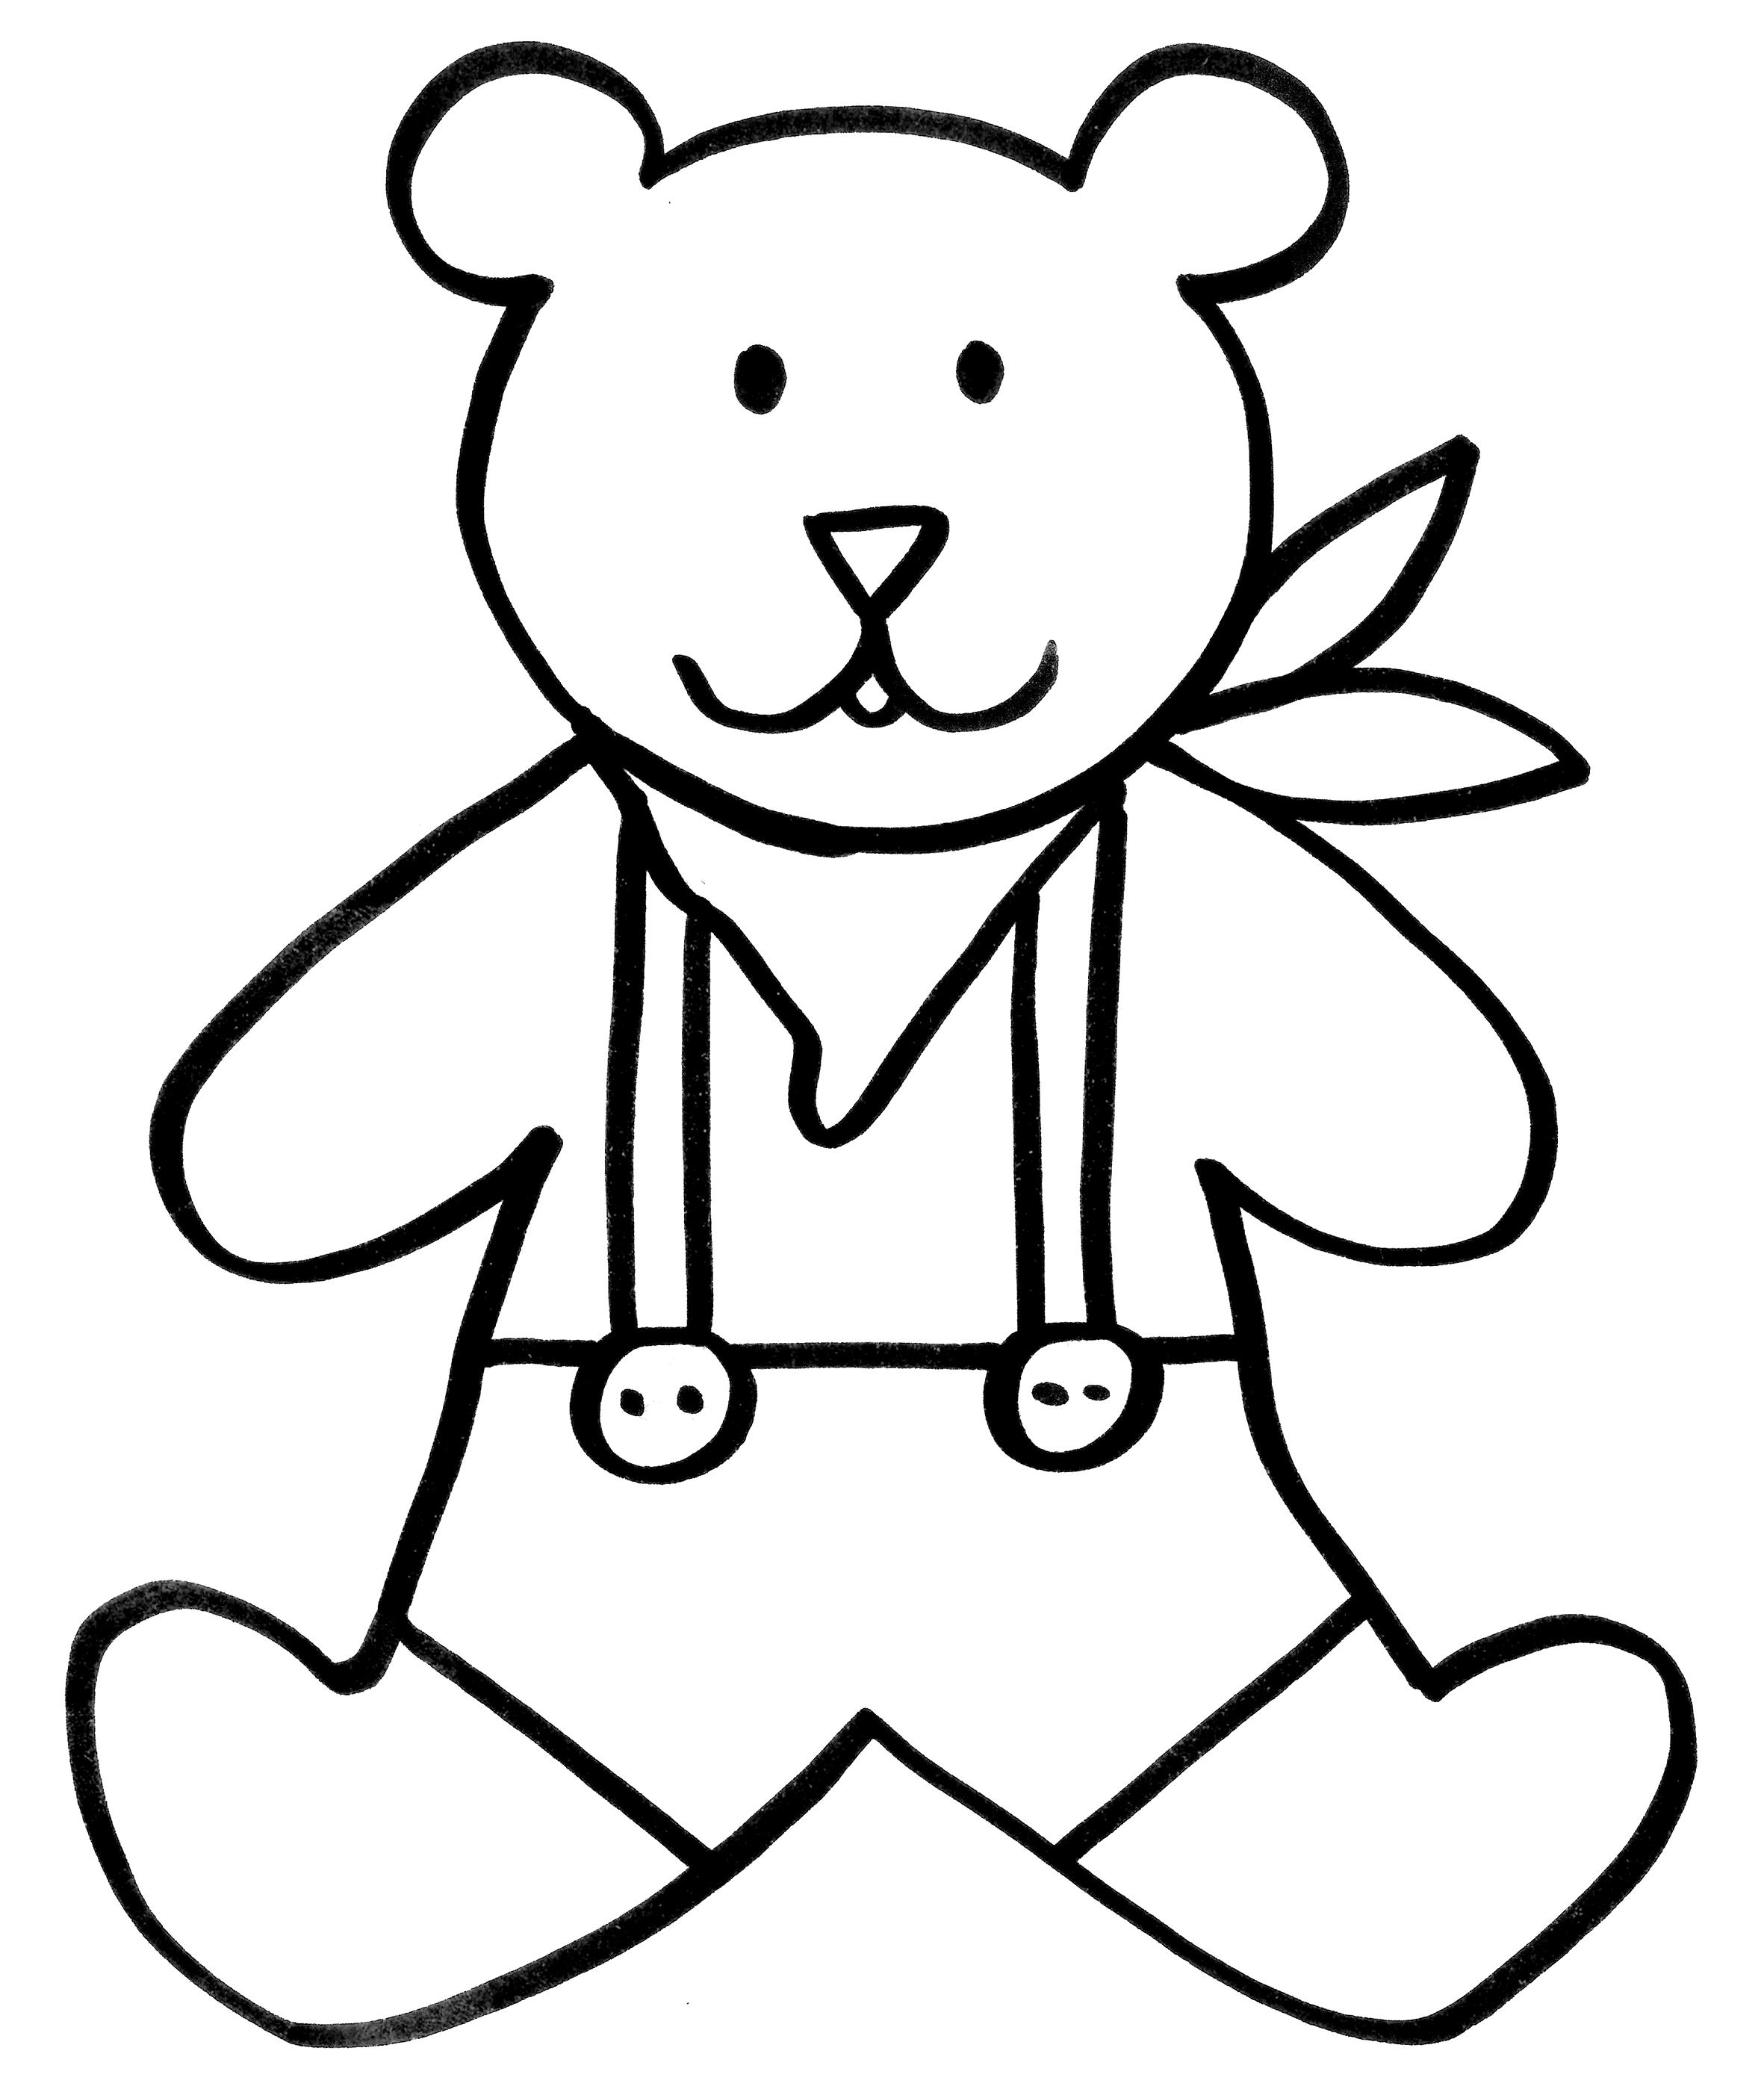 Groß Teddybär Maske Vorlage Galerie - Ideen Wieder Aufnehmen ...